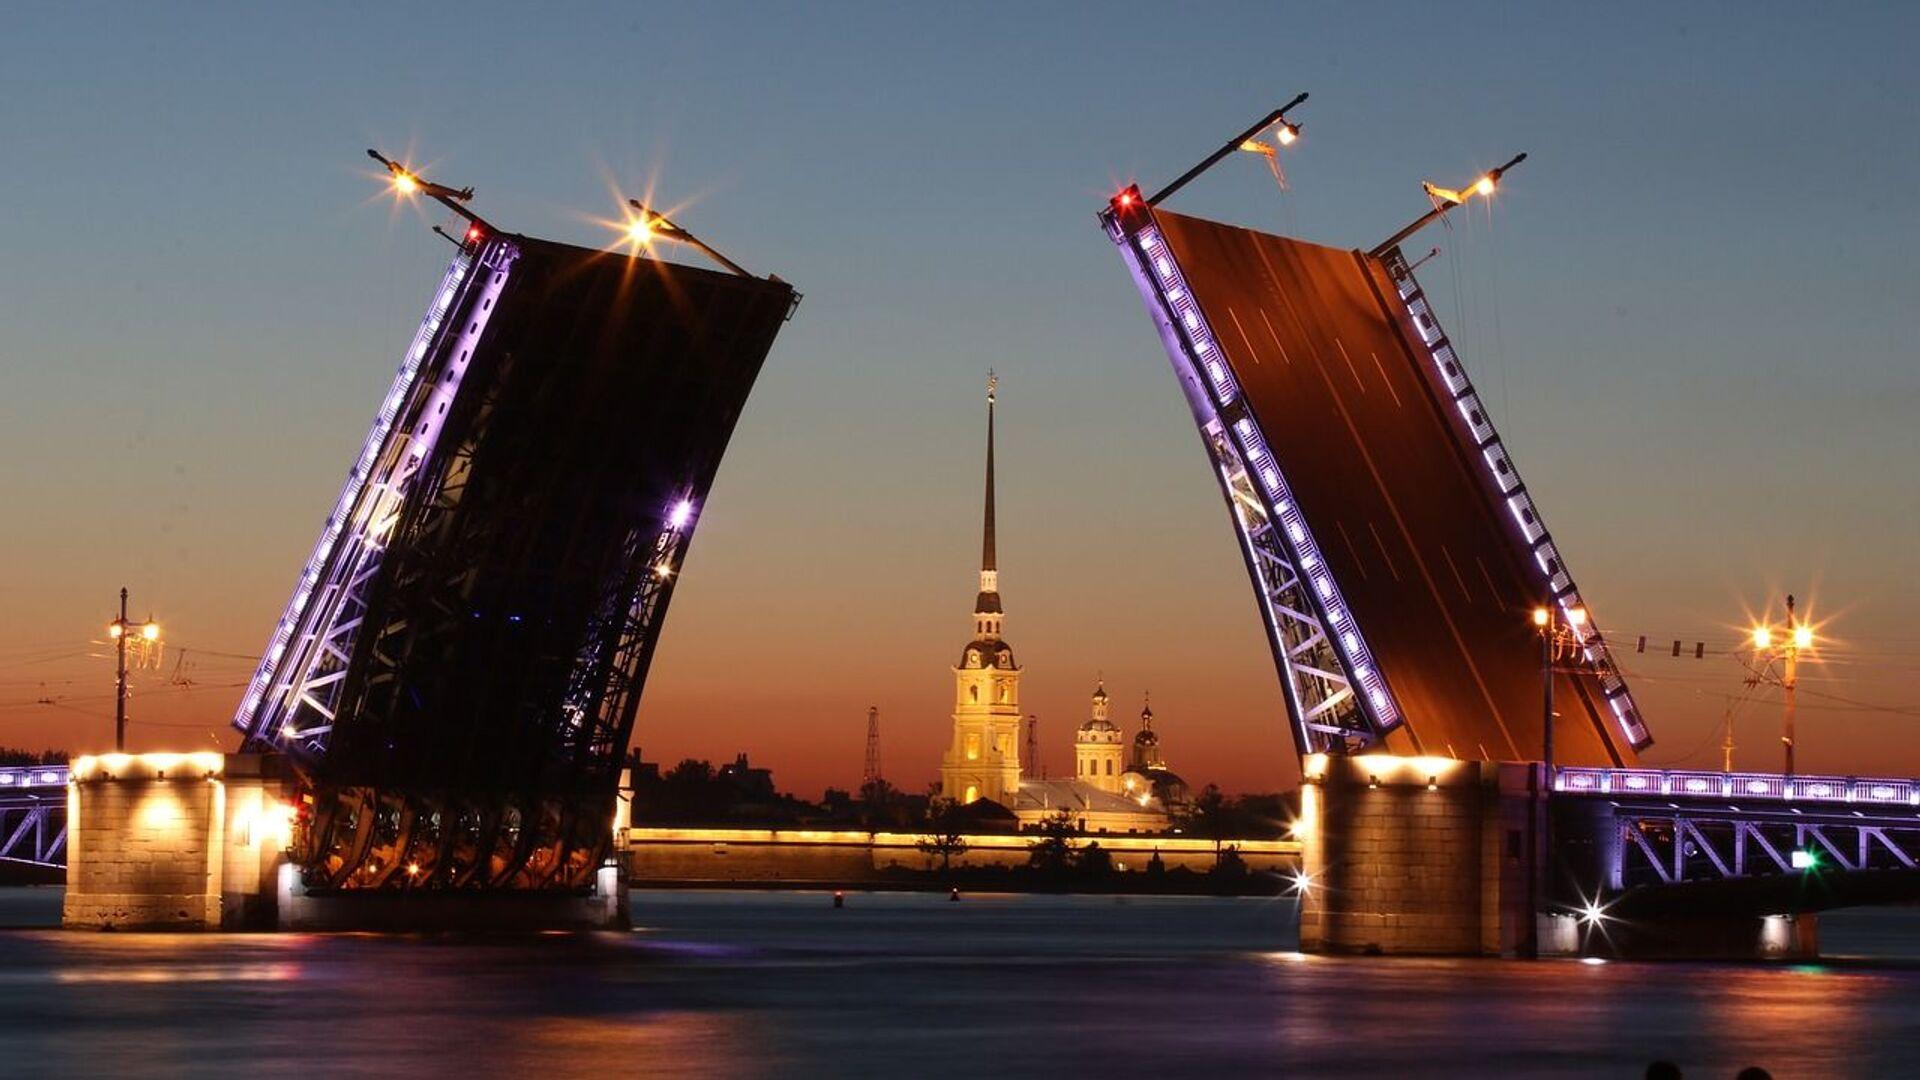 San Petersburgo recibió el premio 'Ciudad Destino Líder de Europa' en los World Travel Awards 2019 - Sputnik Mundo, 1920, 19.07.2021